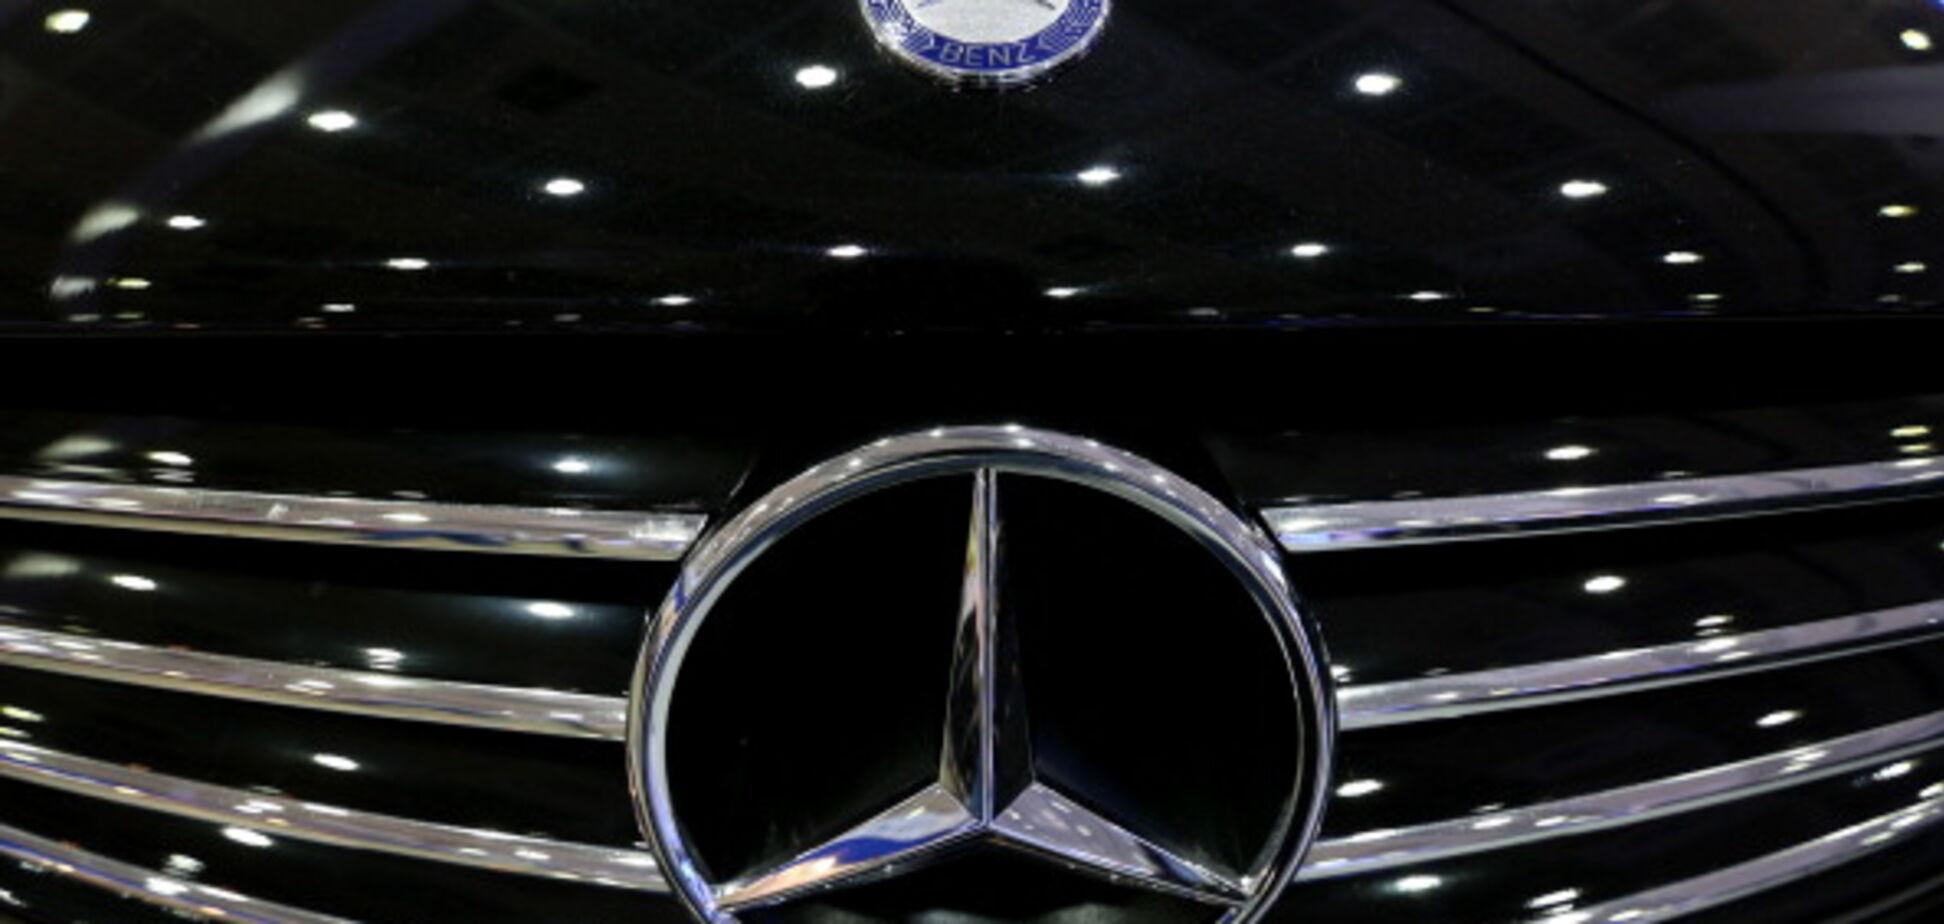 Украинцы собрали с Mercedes и 'Победы' удивительный хот-род. Опубликованы фото